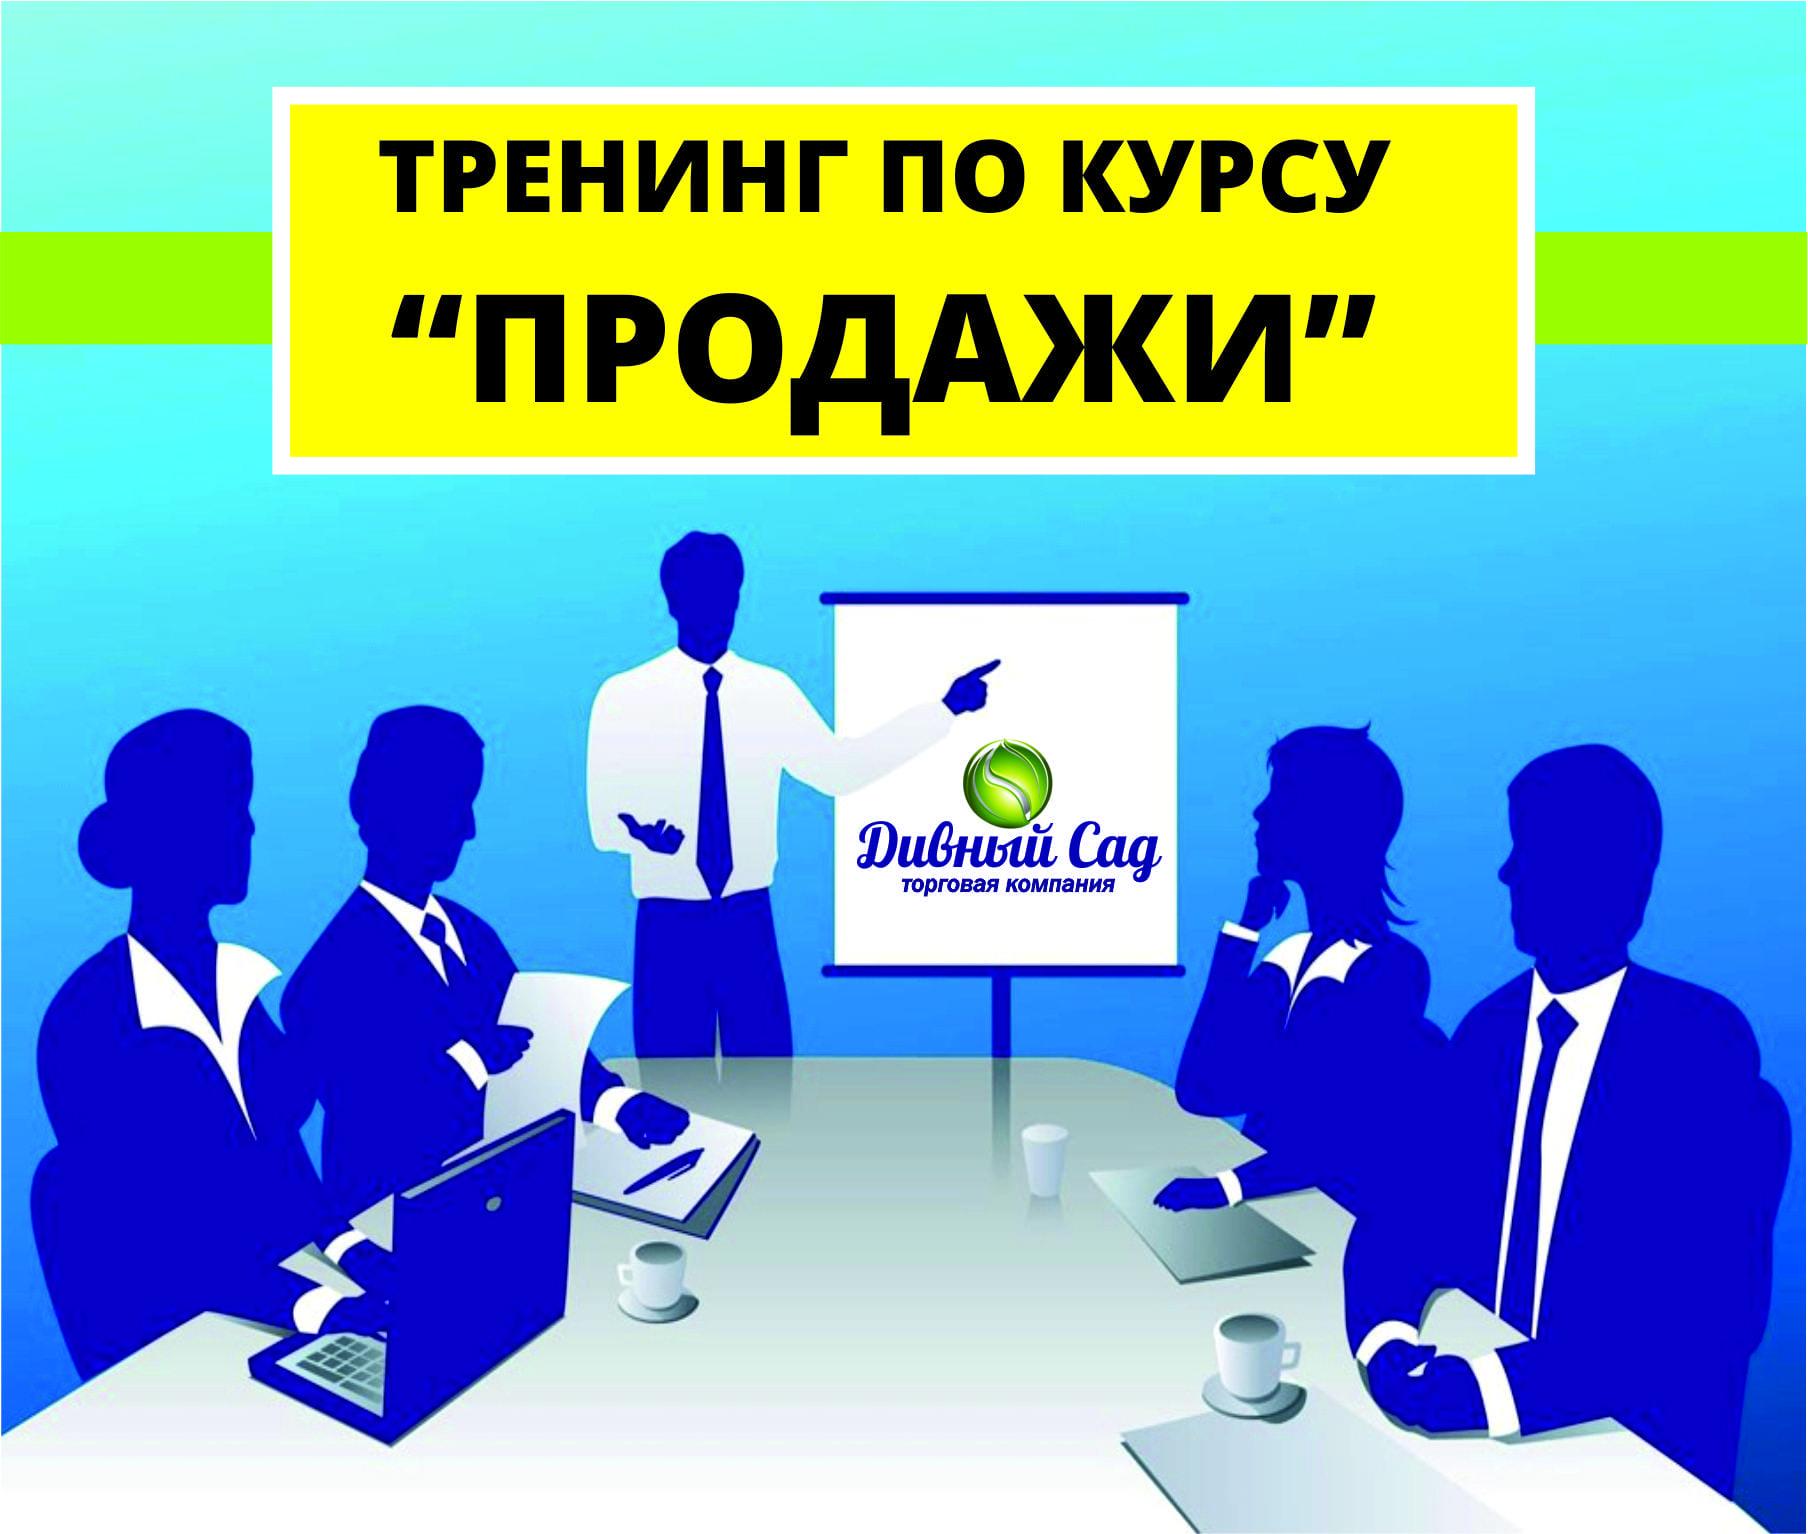 Тренинг для торговых представителей 29-30 сентября